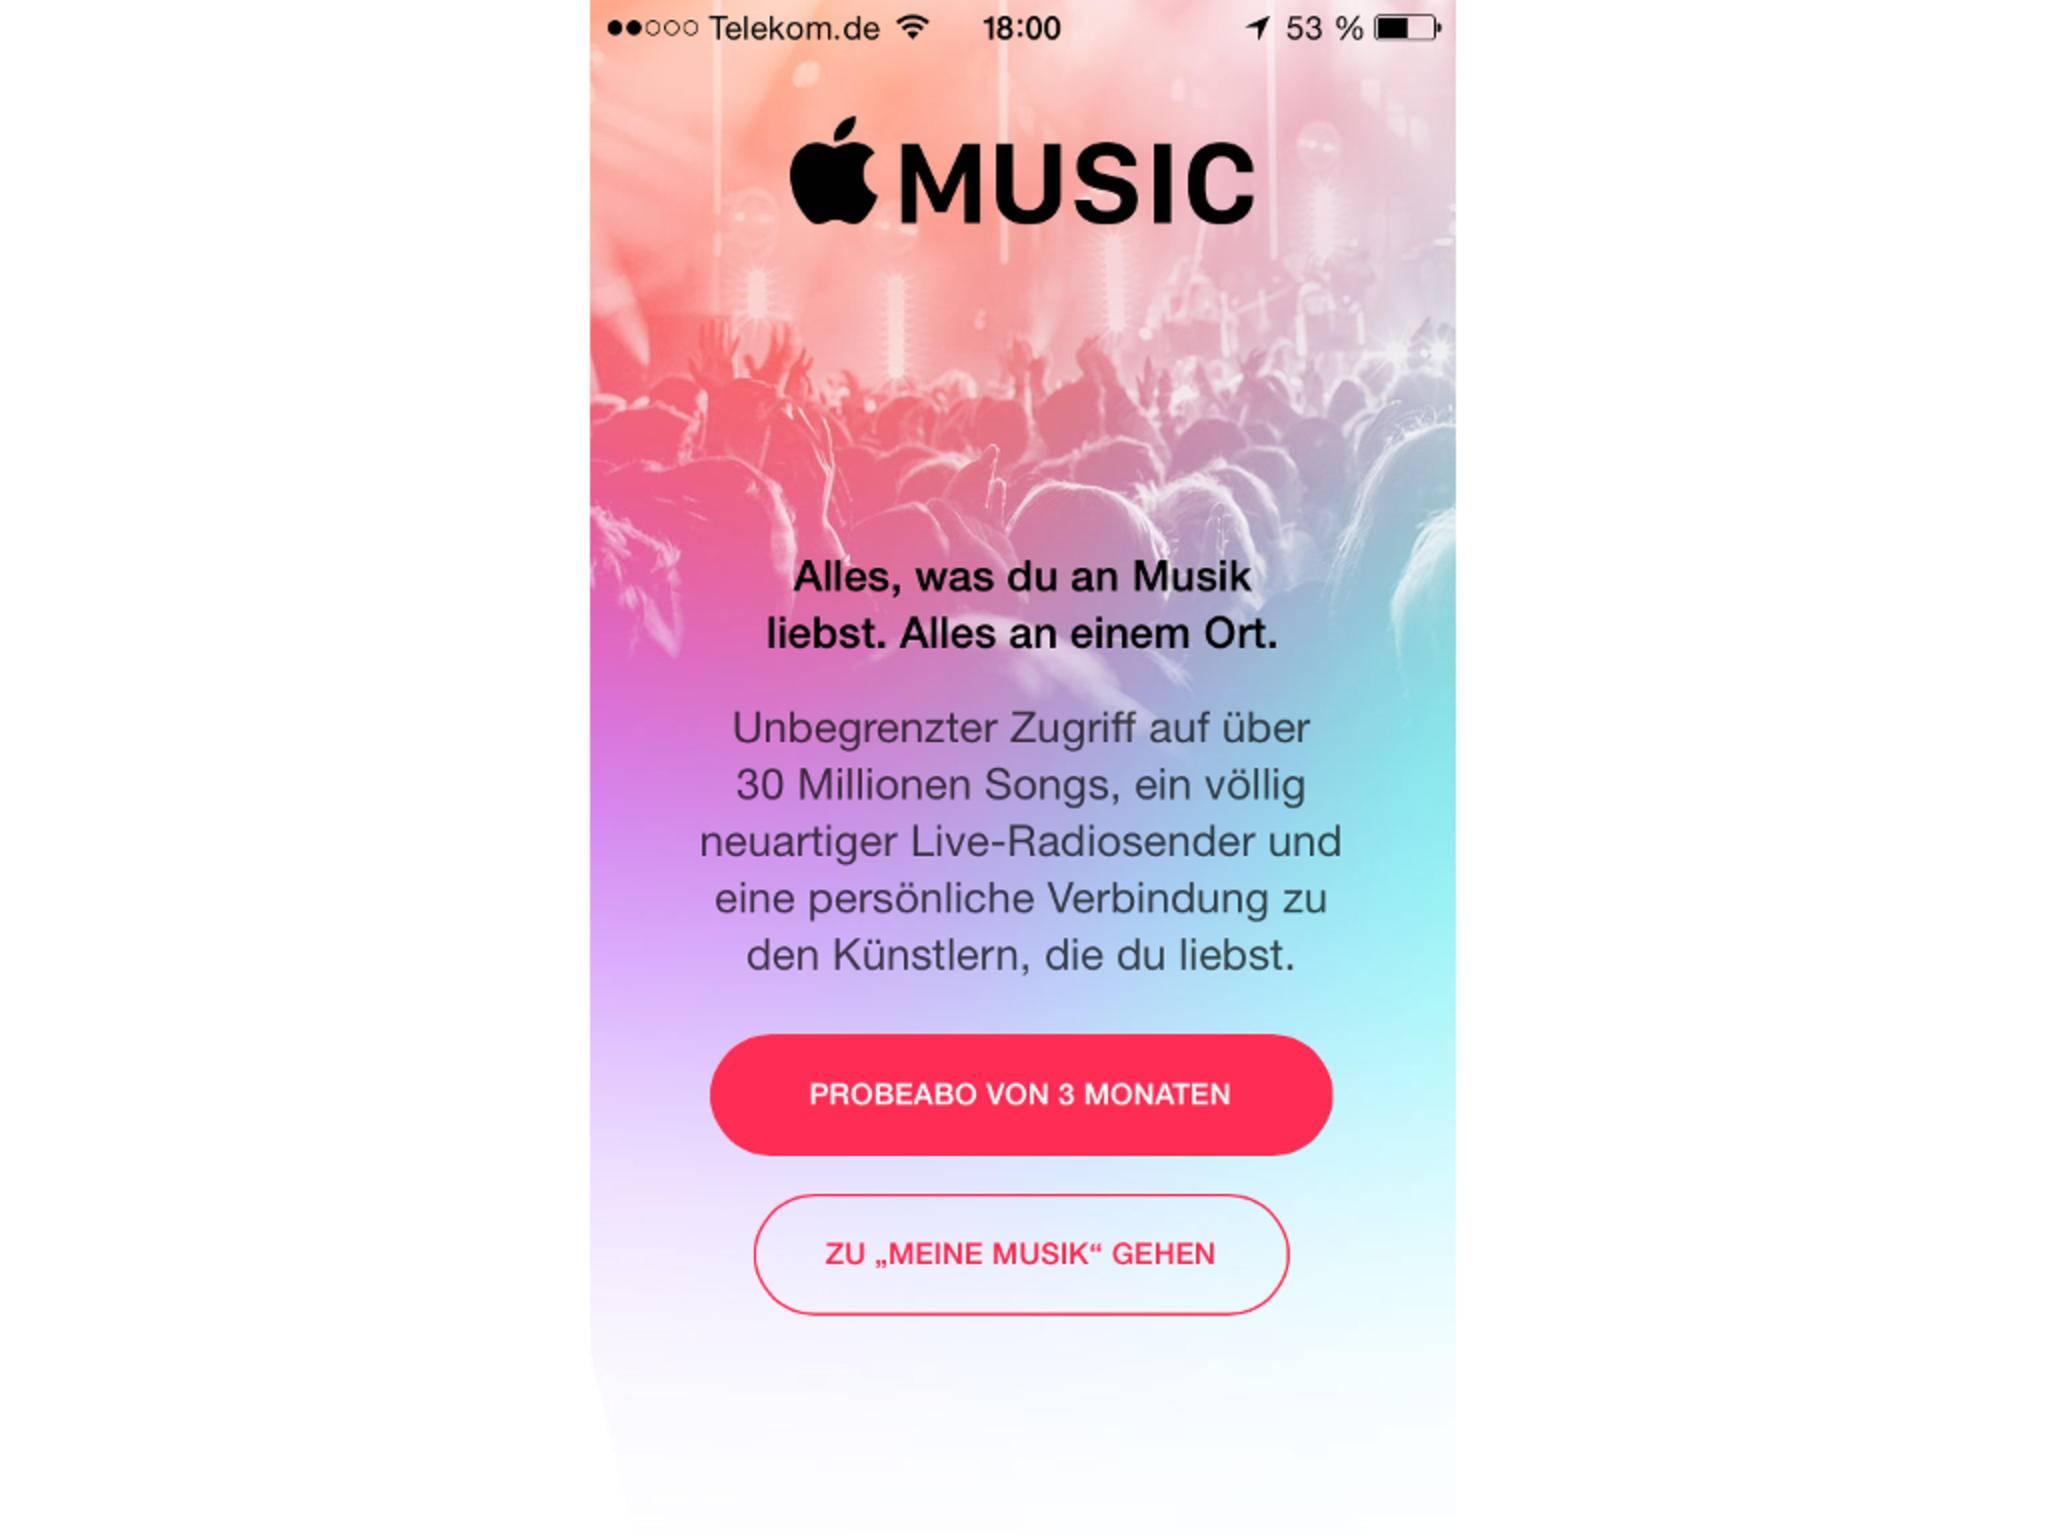 Apple Music bietet eine kostenlose Testphase von drei Monaten.